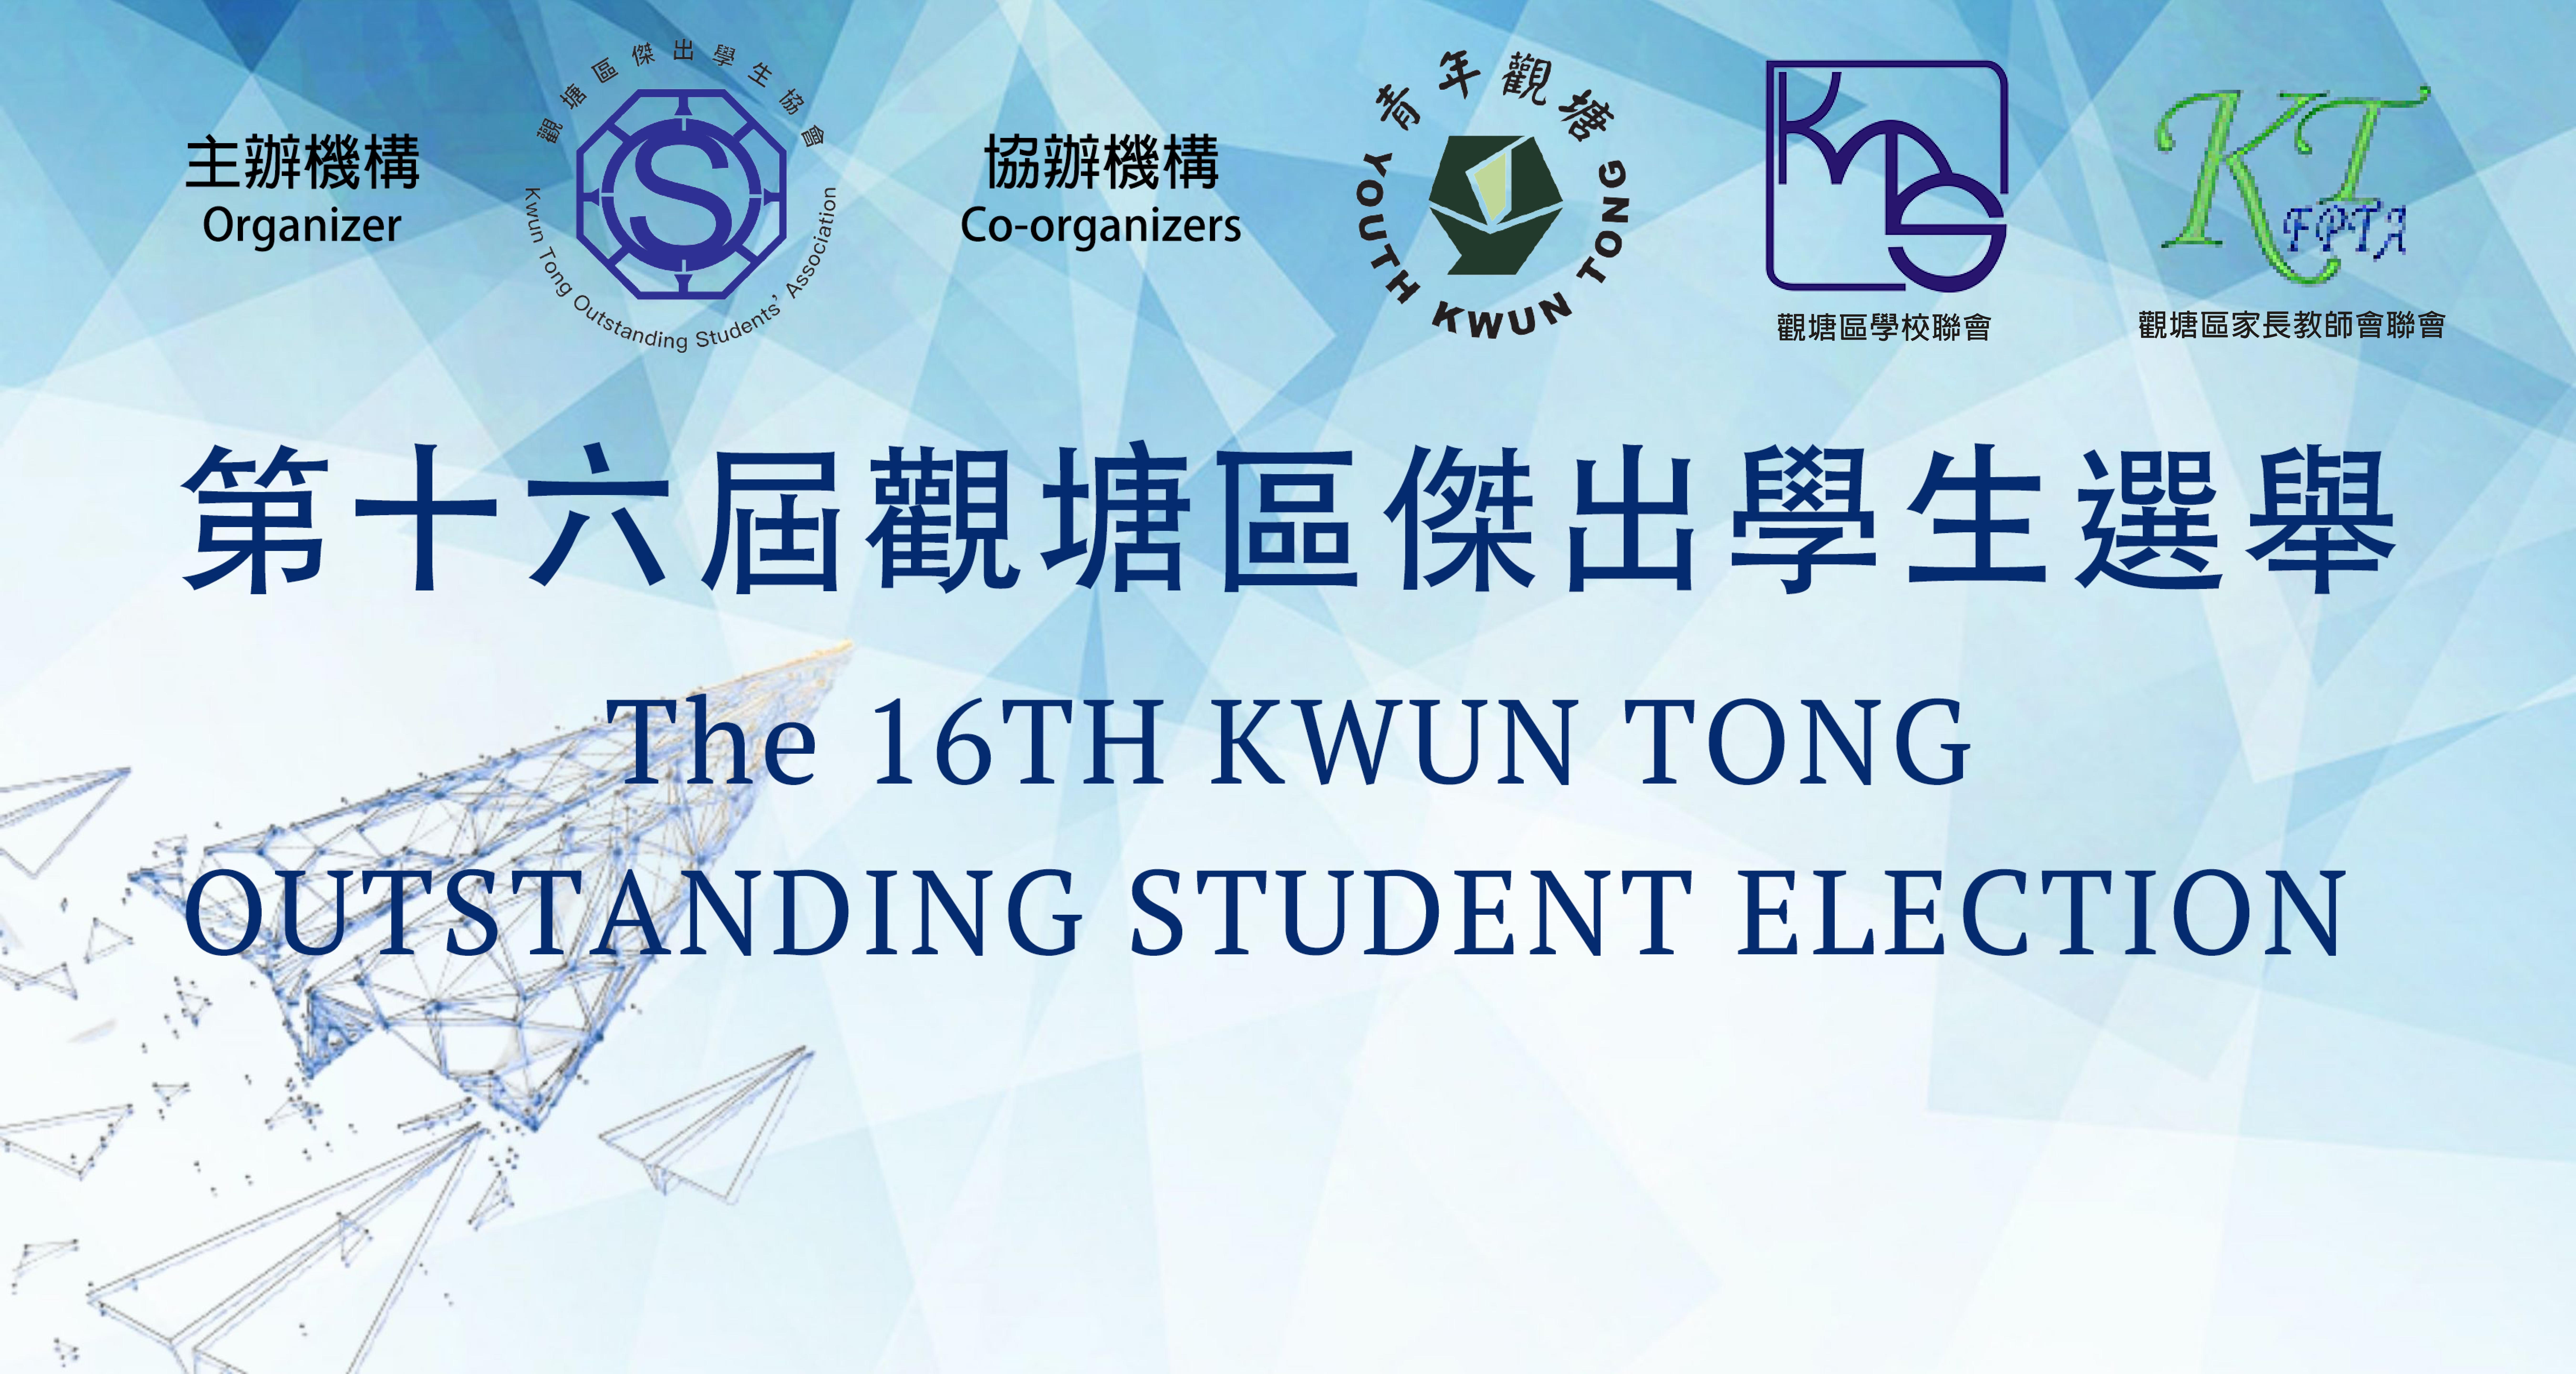 第十六屆觀塘區傑出學生選舉